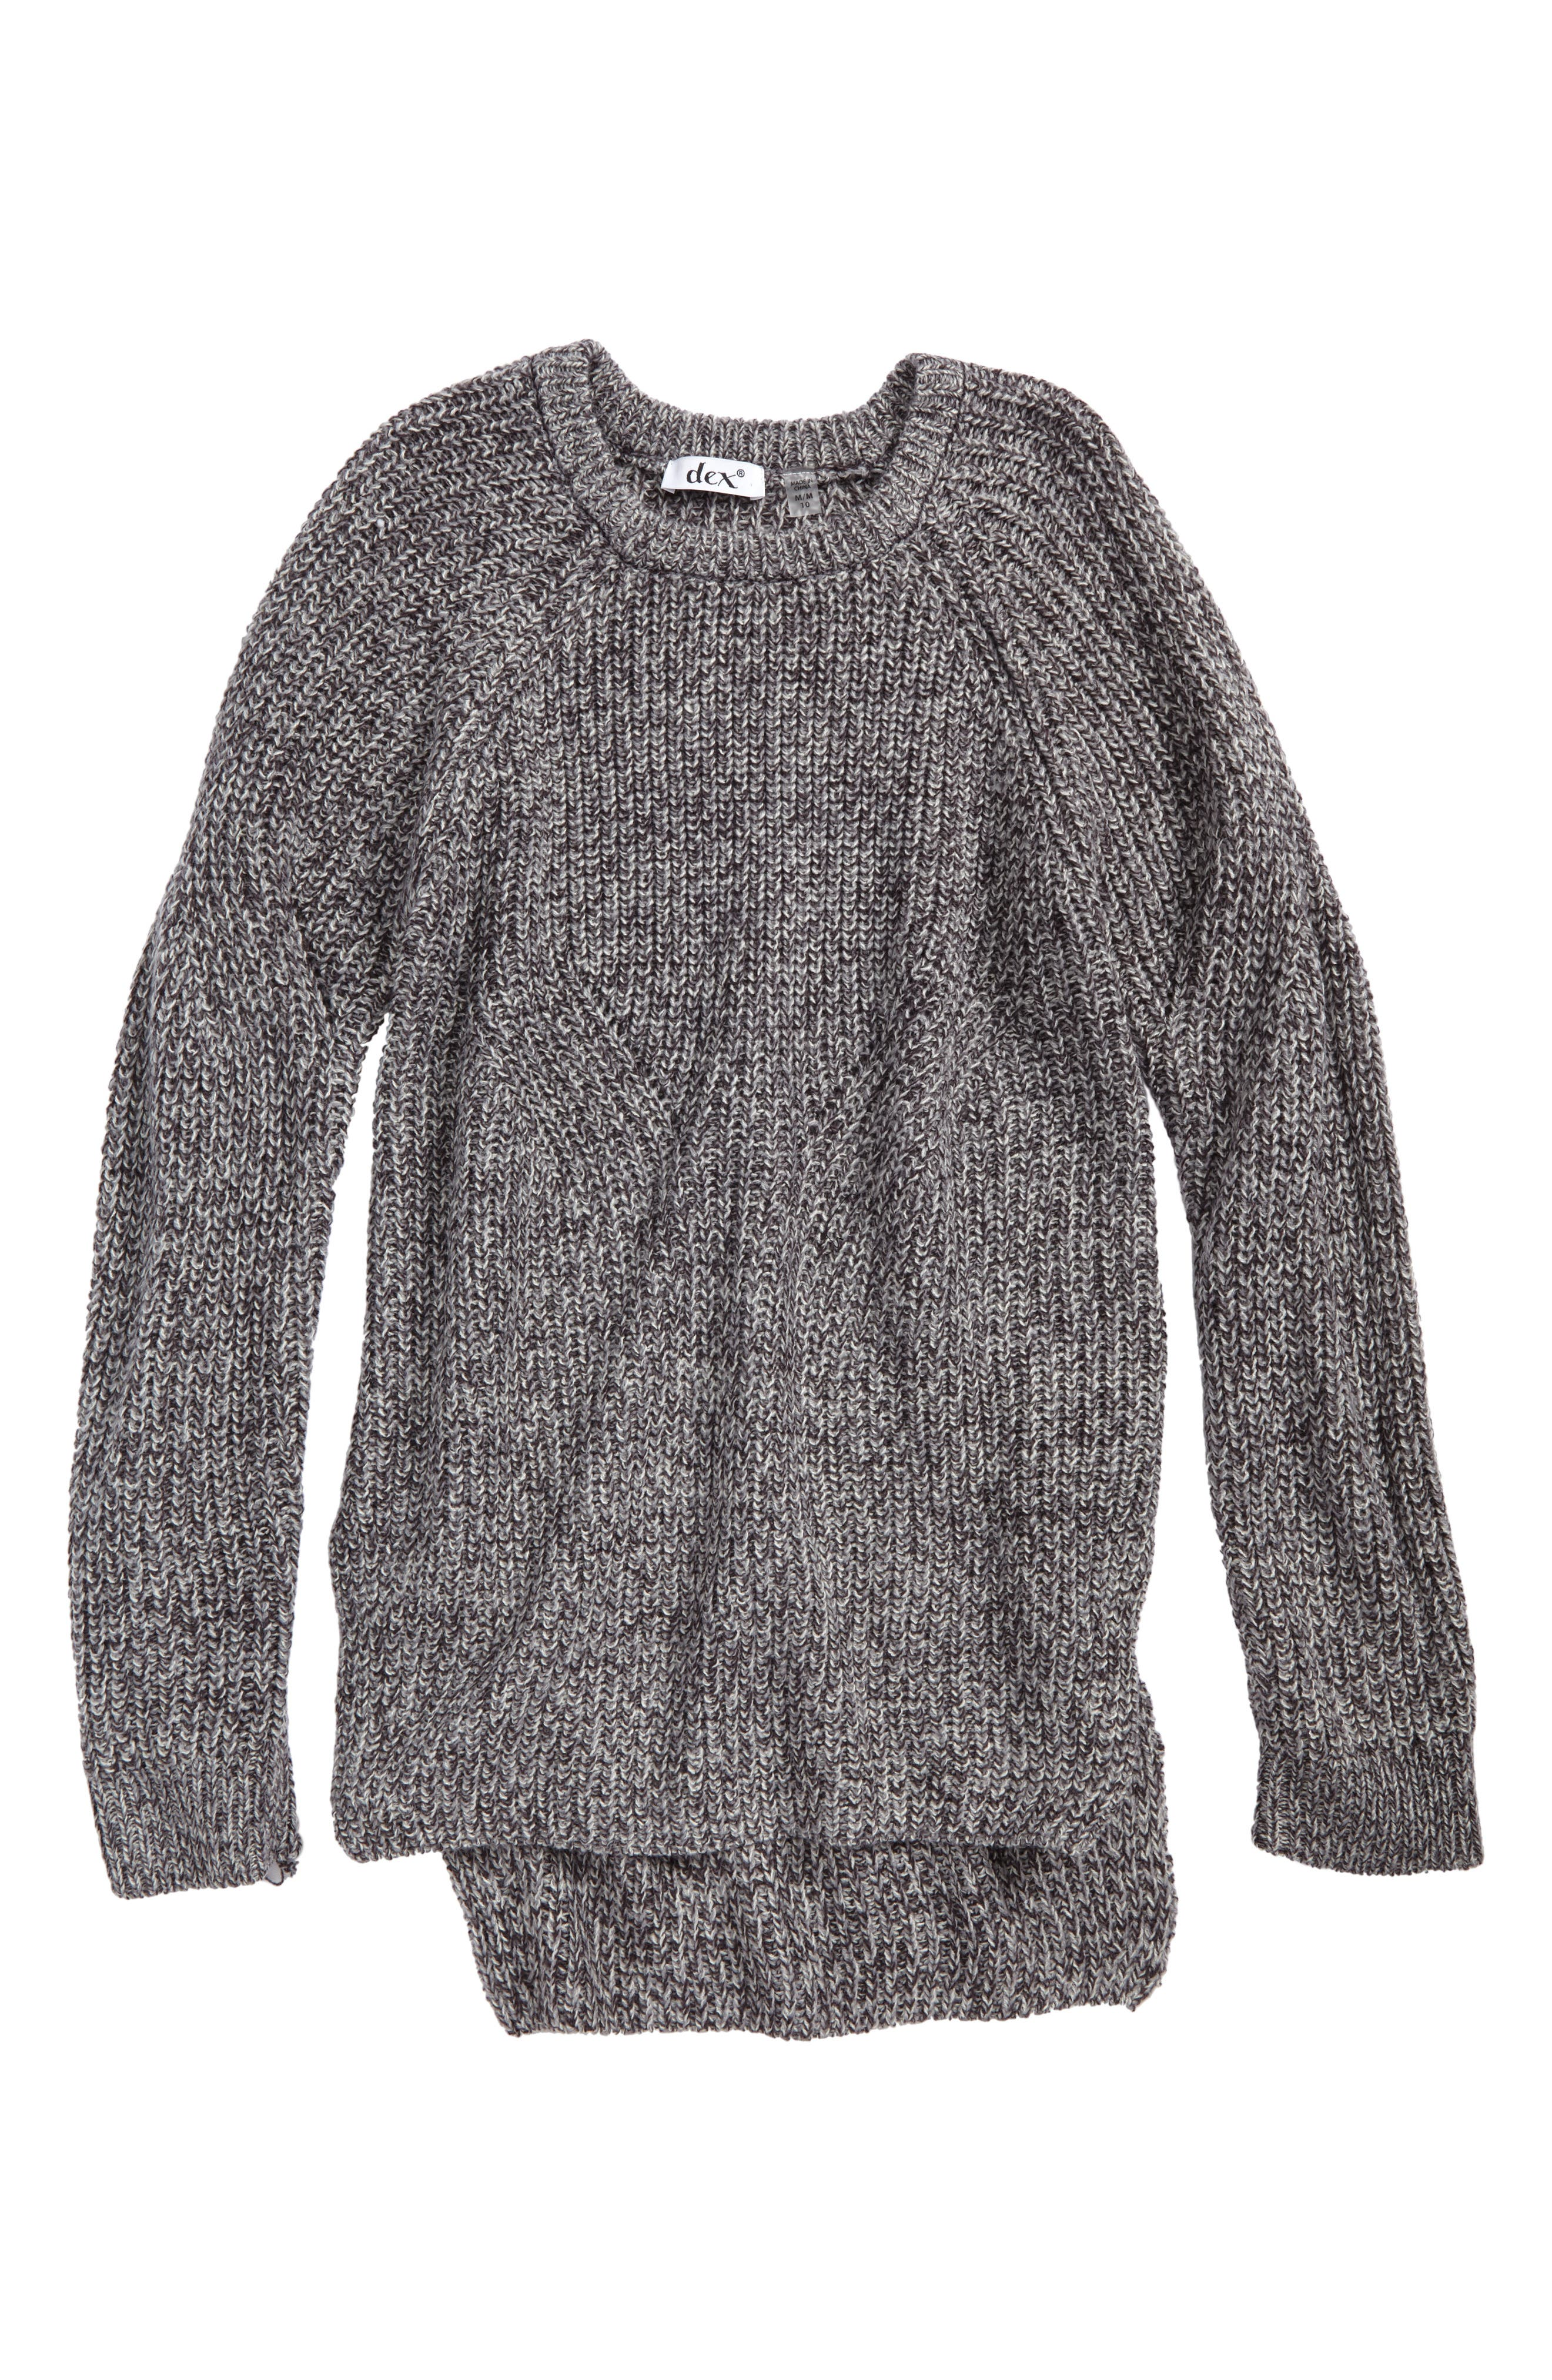 Rib Knit Sweater,                             Main thumbnail 1, color,